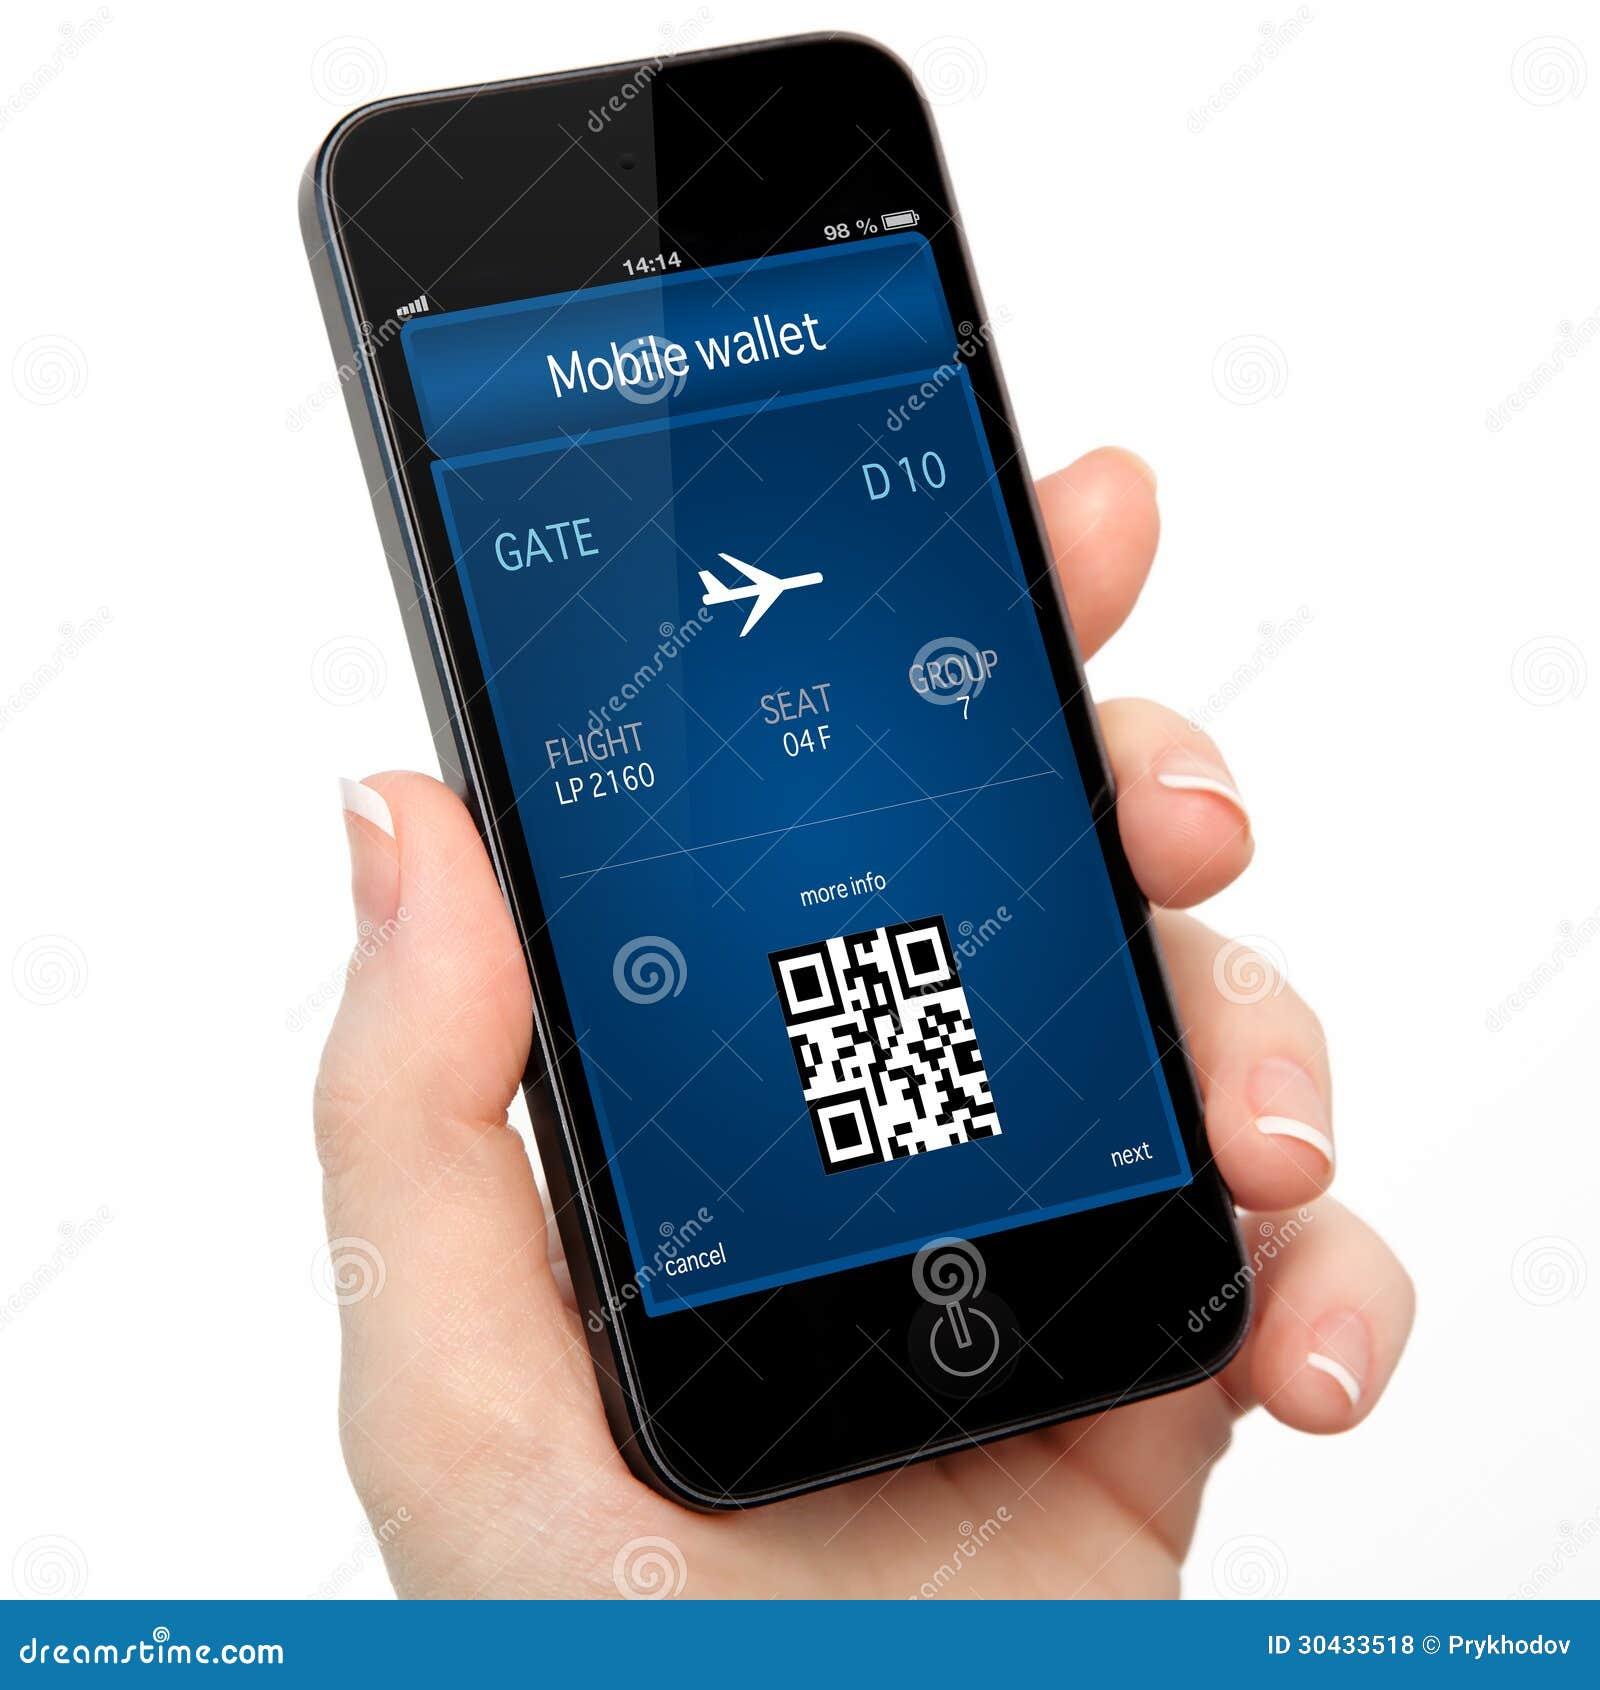 Απομονωμένο χέρι γυναικών που κρατά το τηλέφωνο με ένα κινητά πορτοφόλι και ένα π